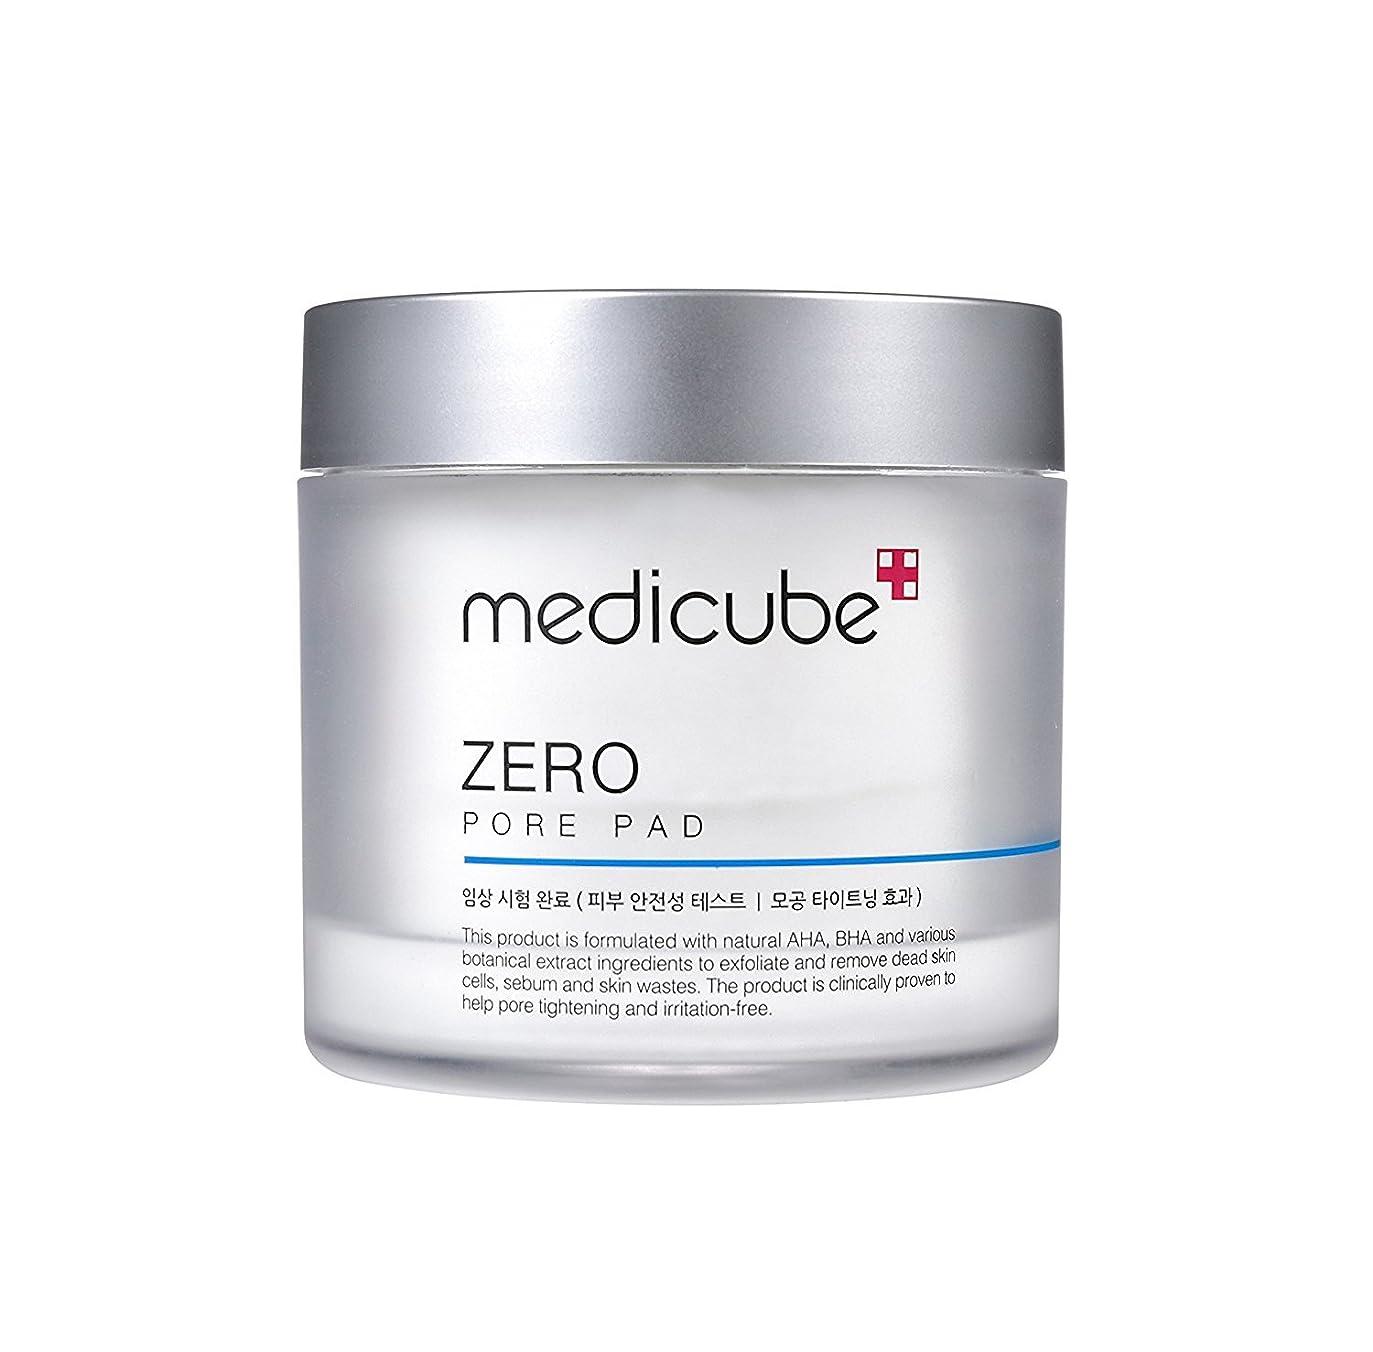 商人人道的会う[Medicube]Zero Pore Pad / ゼロ毛穴パッド / 正品?海外直送商品 [並行輸入品]